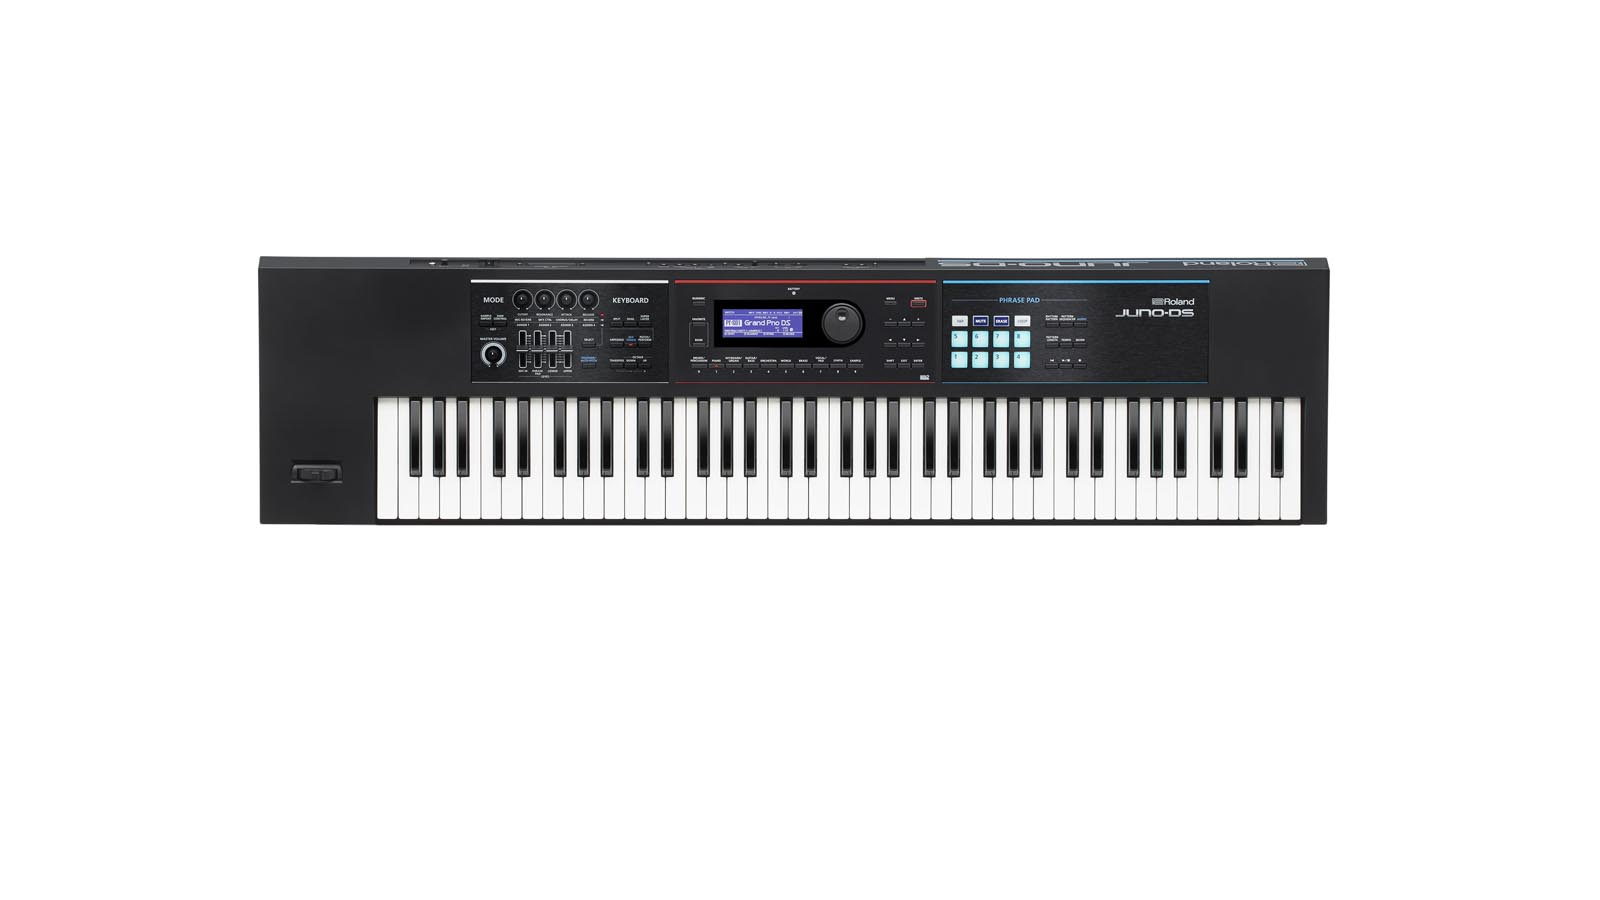 Roland JUNO-DS 76-Tasten Synthesizer